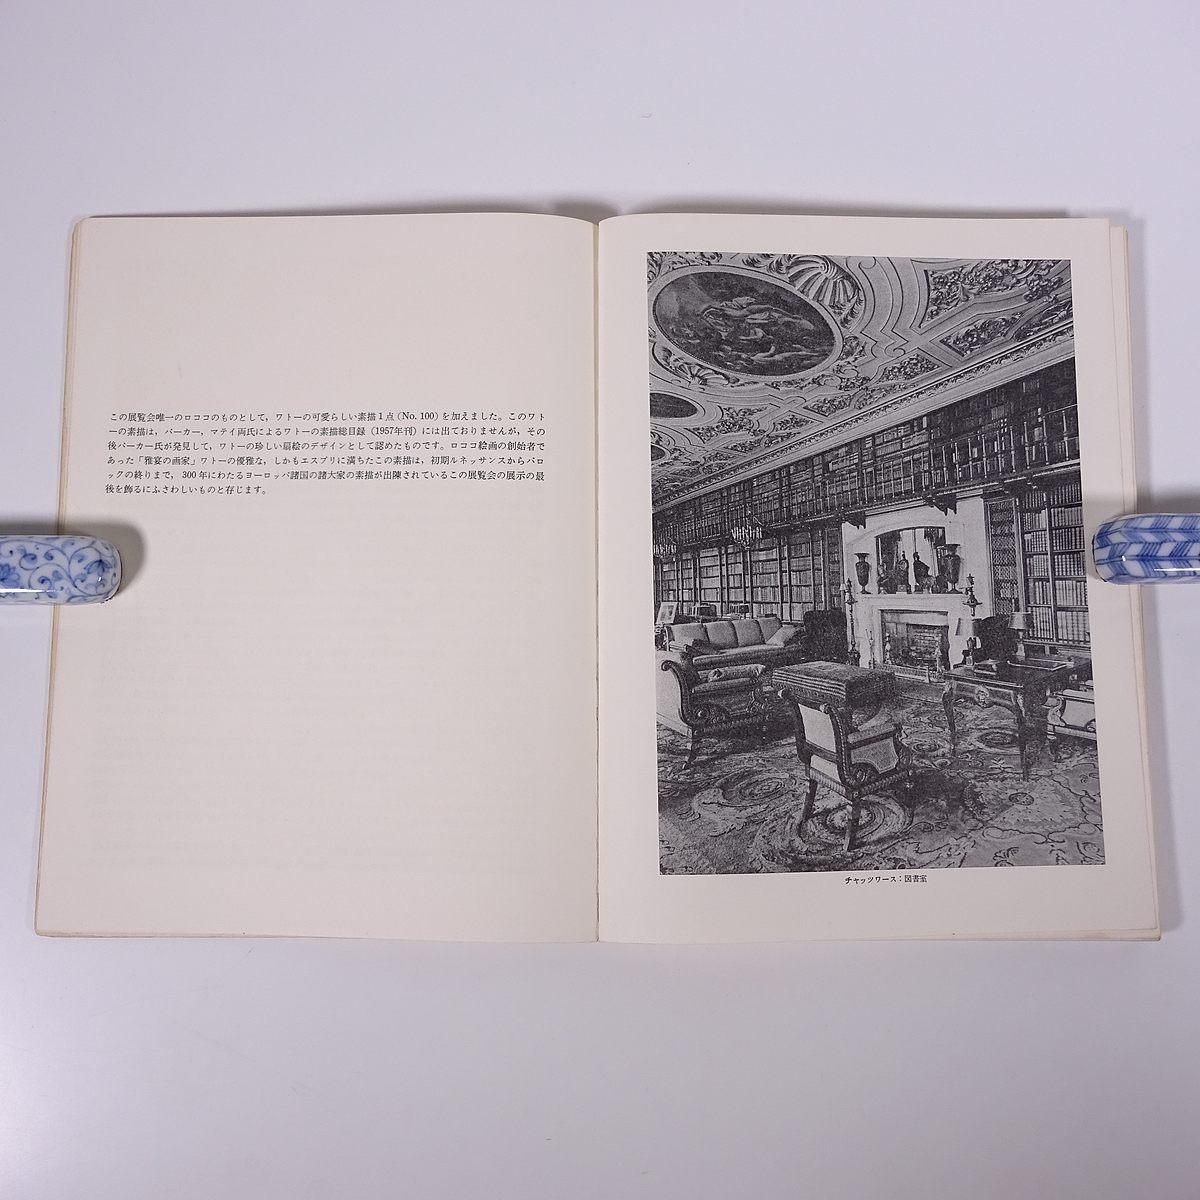 デヴォンシャー公爵所蔵 ヨーロッパ素描名作展 国立西洋美術館 1975 大型本 展覧会 図版 図録 目録 芸術 美術 絵画 画集 作品集 洋画_画像7